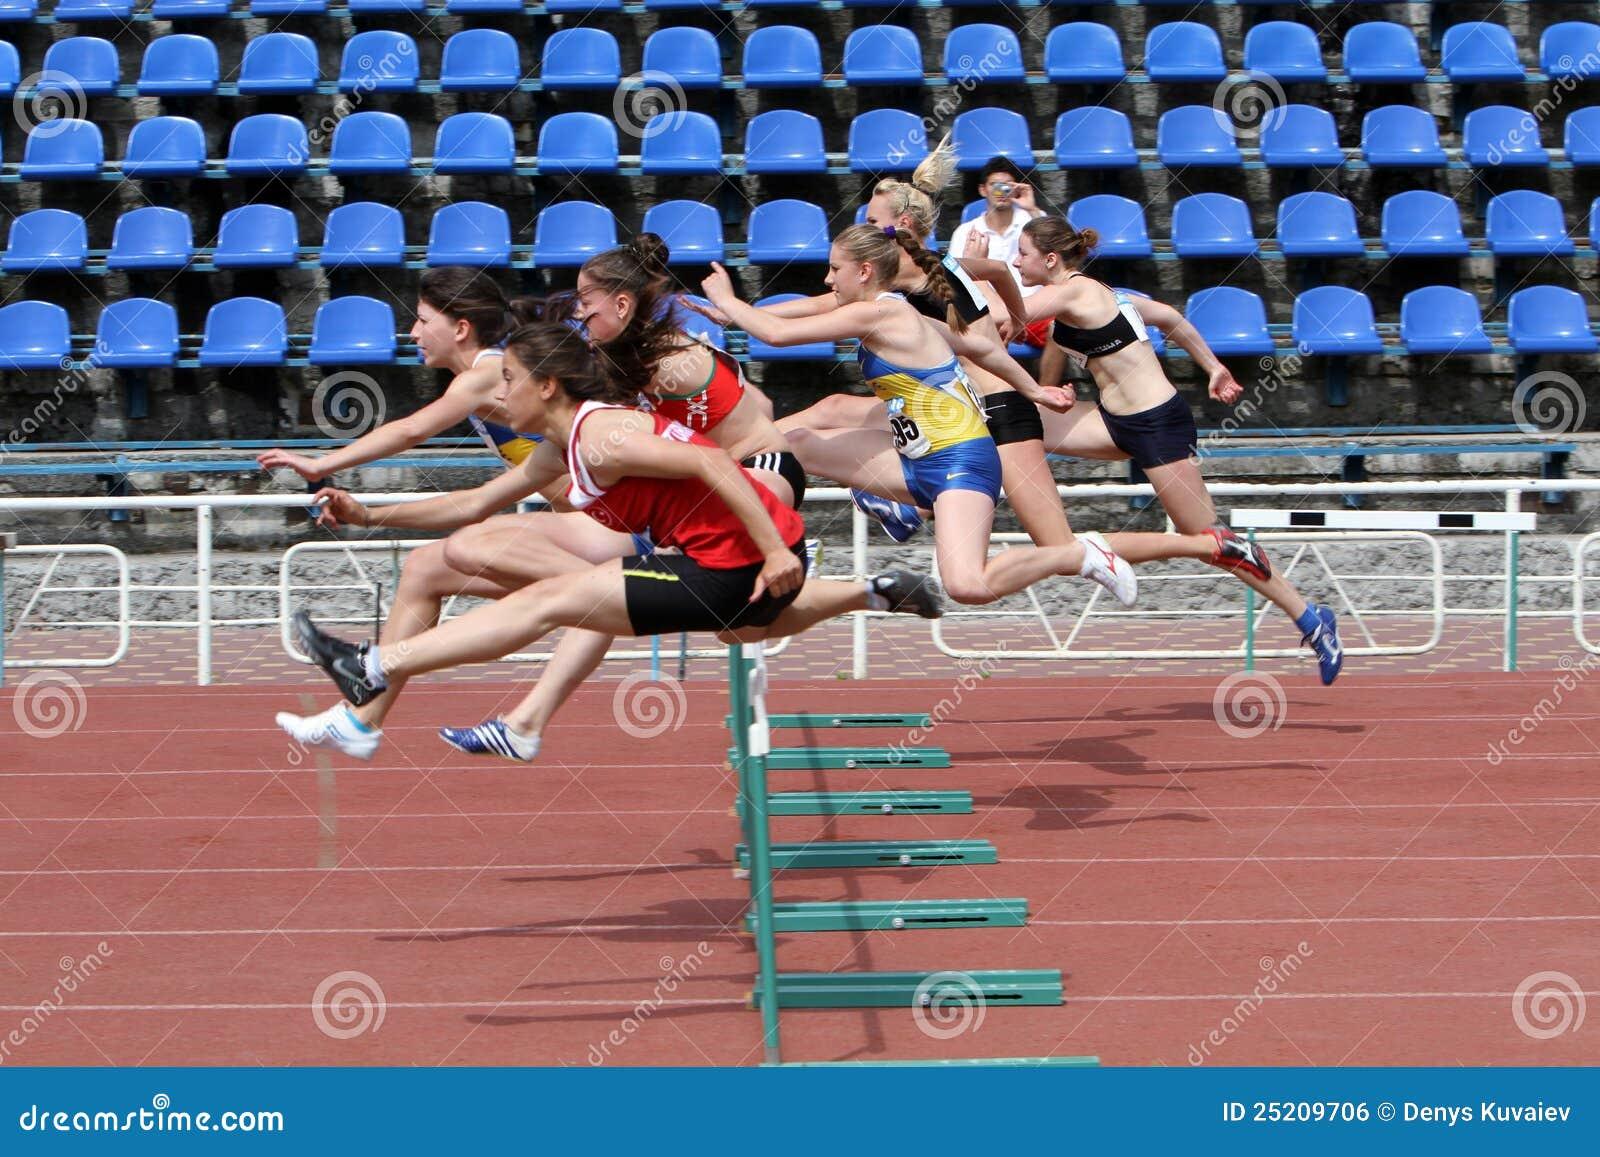 Ggirls en la carrera de vallas foto editorial imagen - Imagen de vallas ...